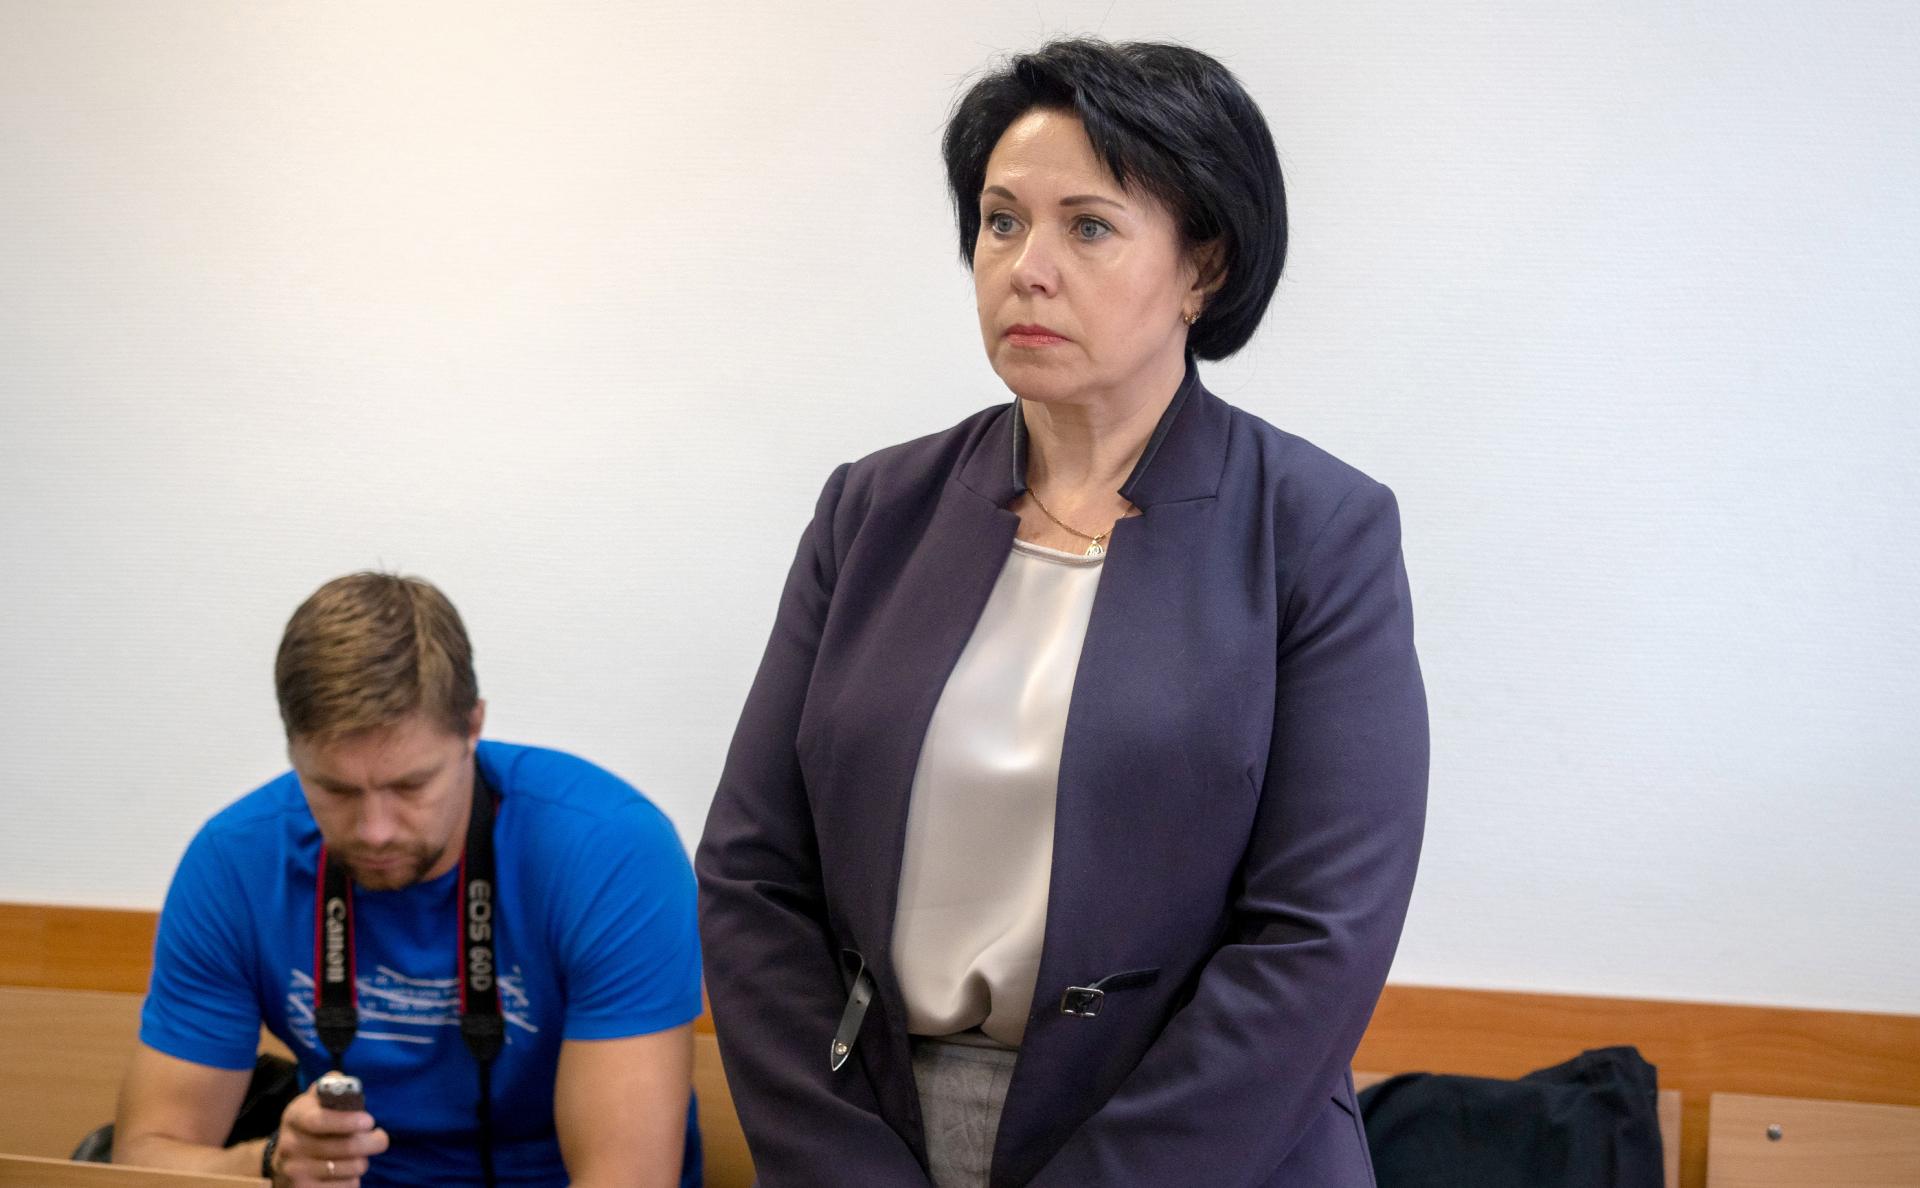 Суд повторно оправдал фигурантов дела о гибели детей на Сямозере